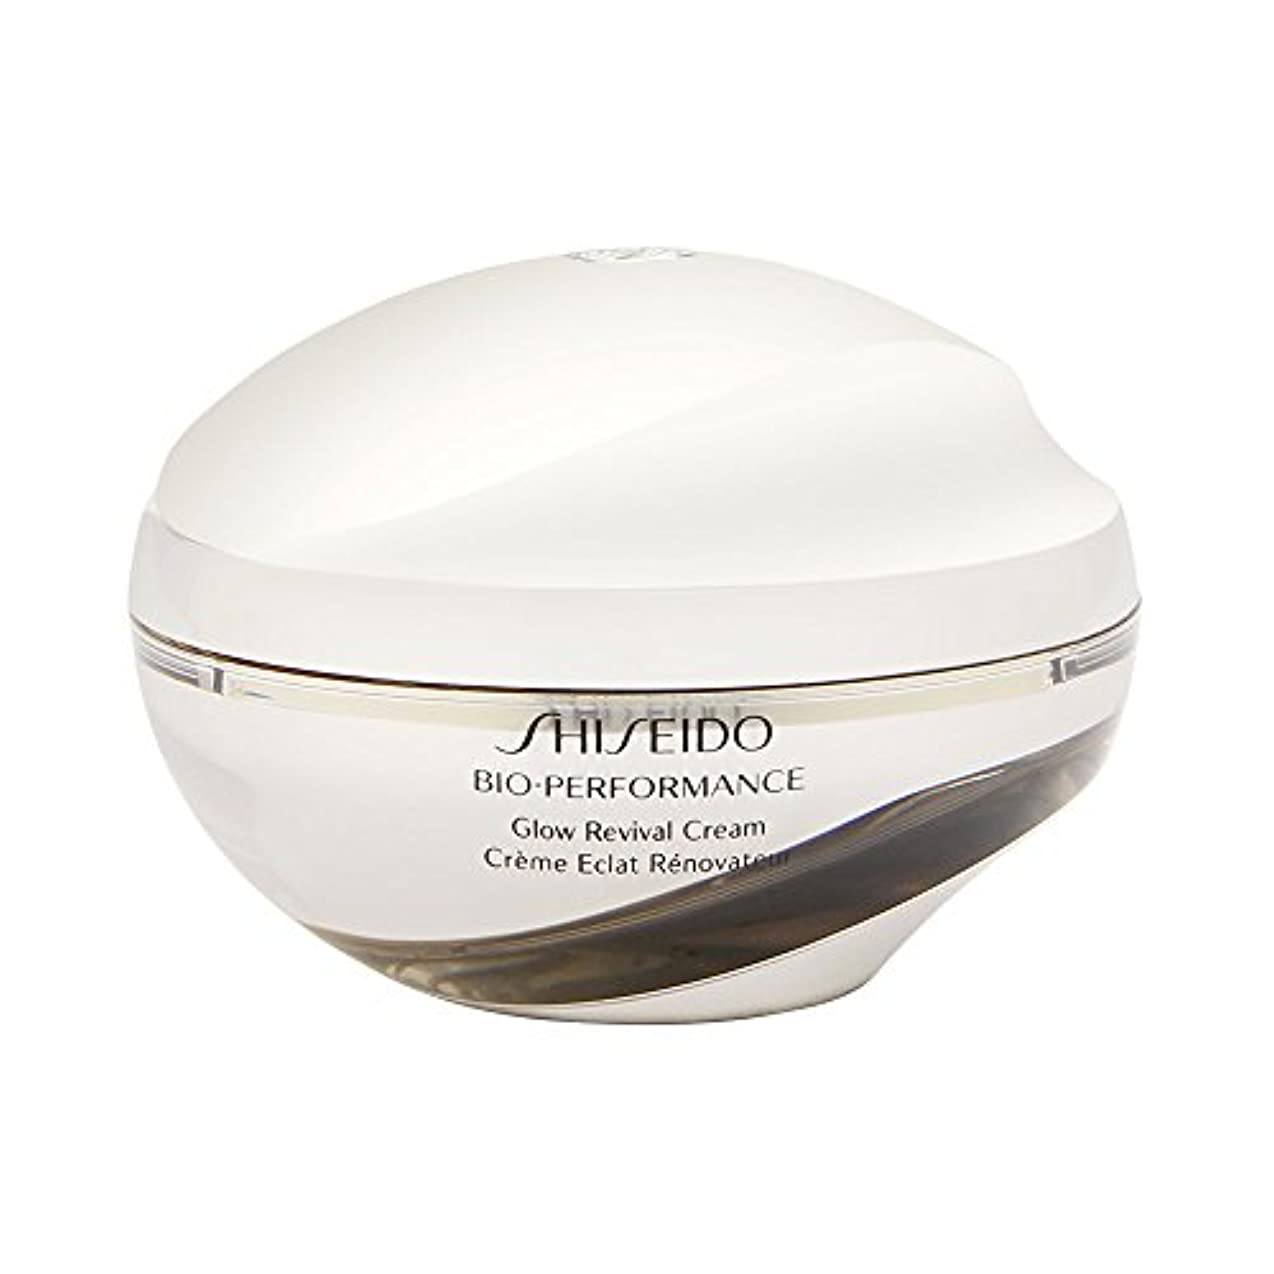 アクセサリー神話料理をするShiseido Bio Performance Glow Revival Cream 75 ml / 2.6 oz by Shiseido